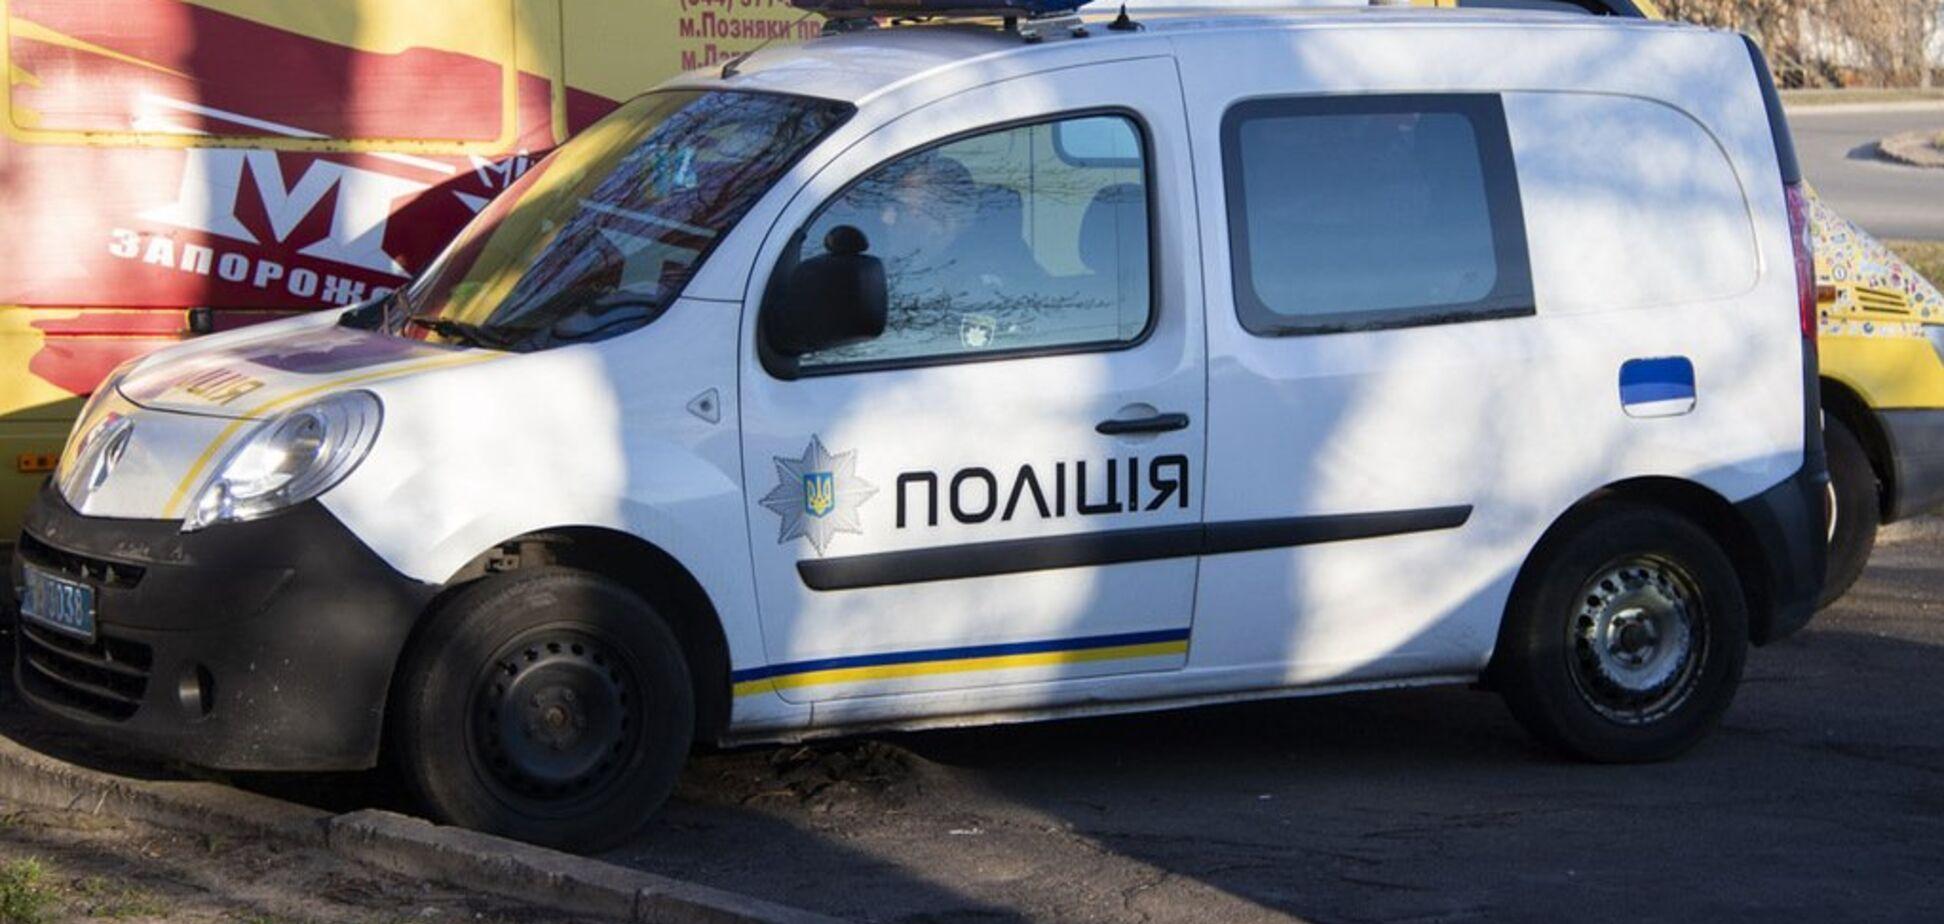 Болел раком: в Киеве мужчина выпрыгнул из окна многоэтажки